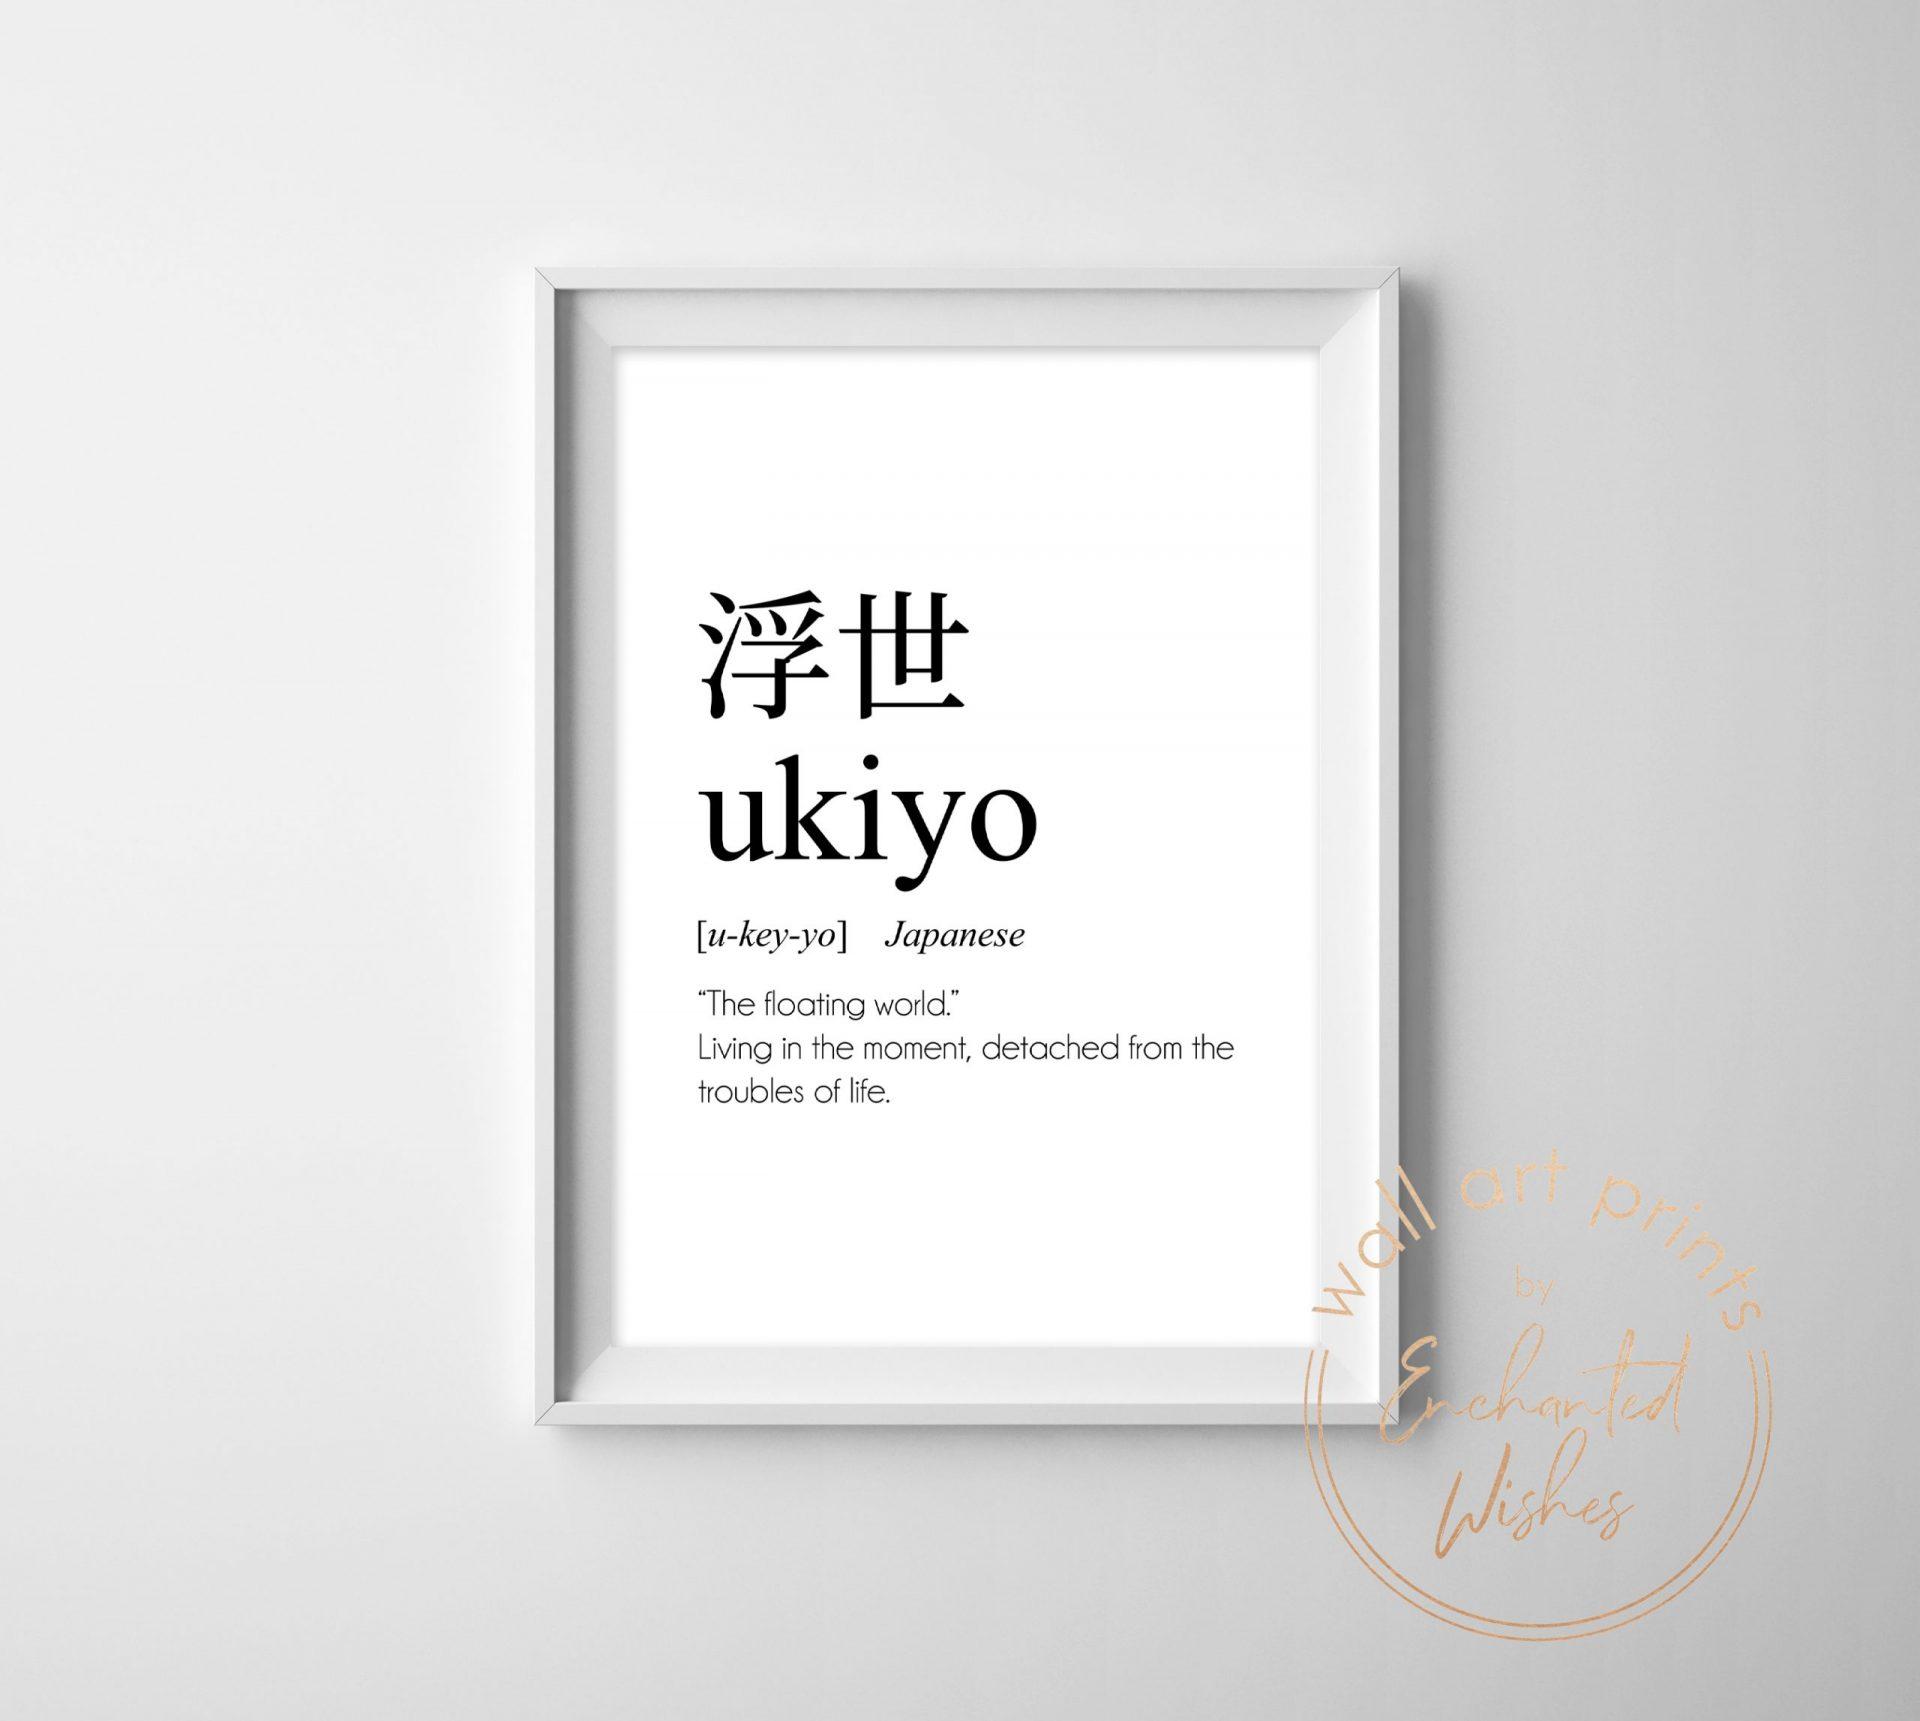 Ukiyo definition print